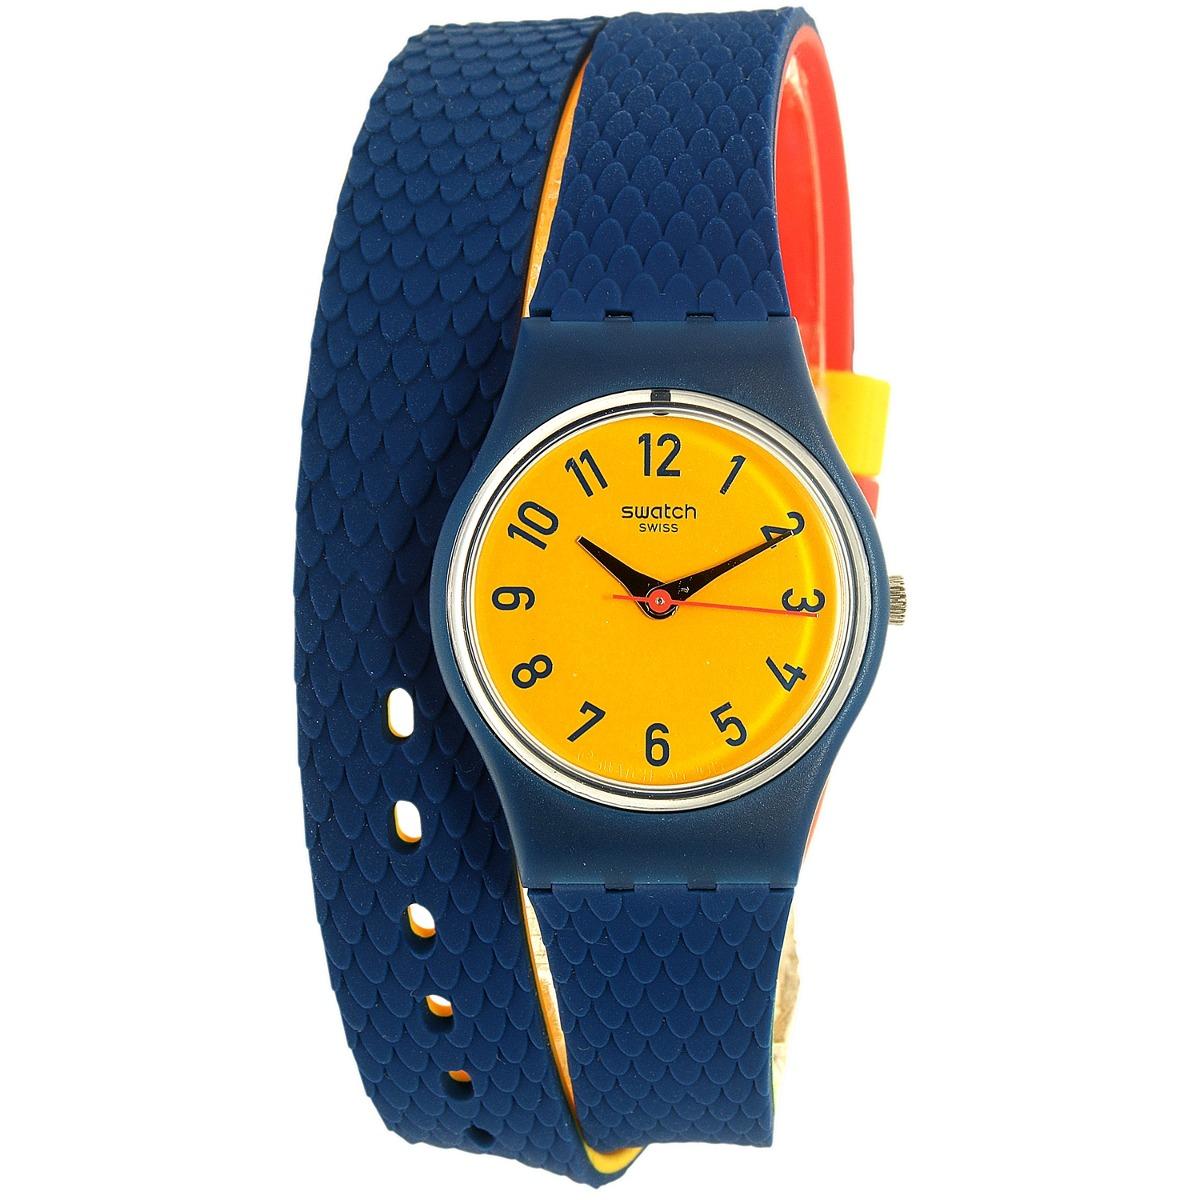 e55b567636d9 Reloj Swatch Check Me Out Ln150 Suizo Goma Multicolor Mujer ...